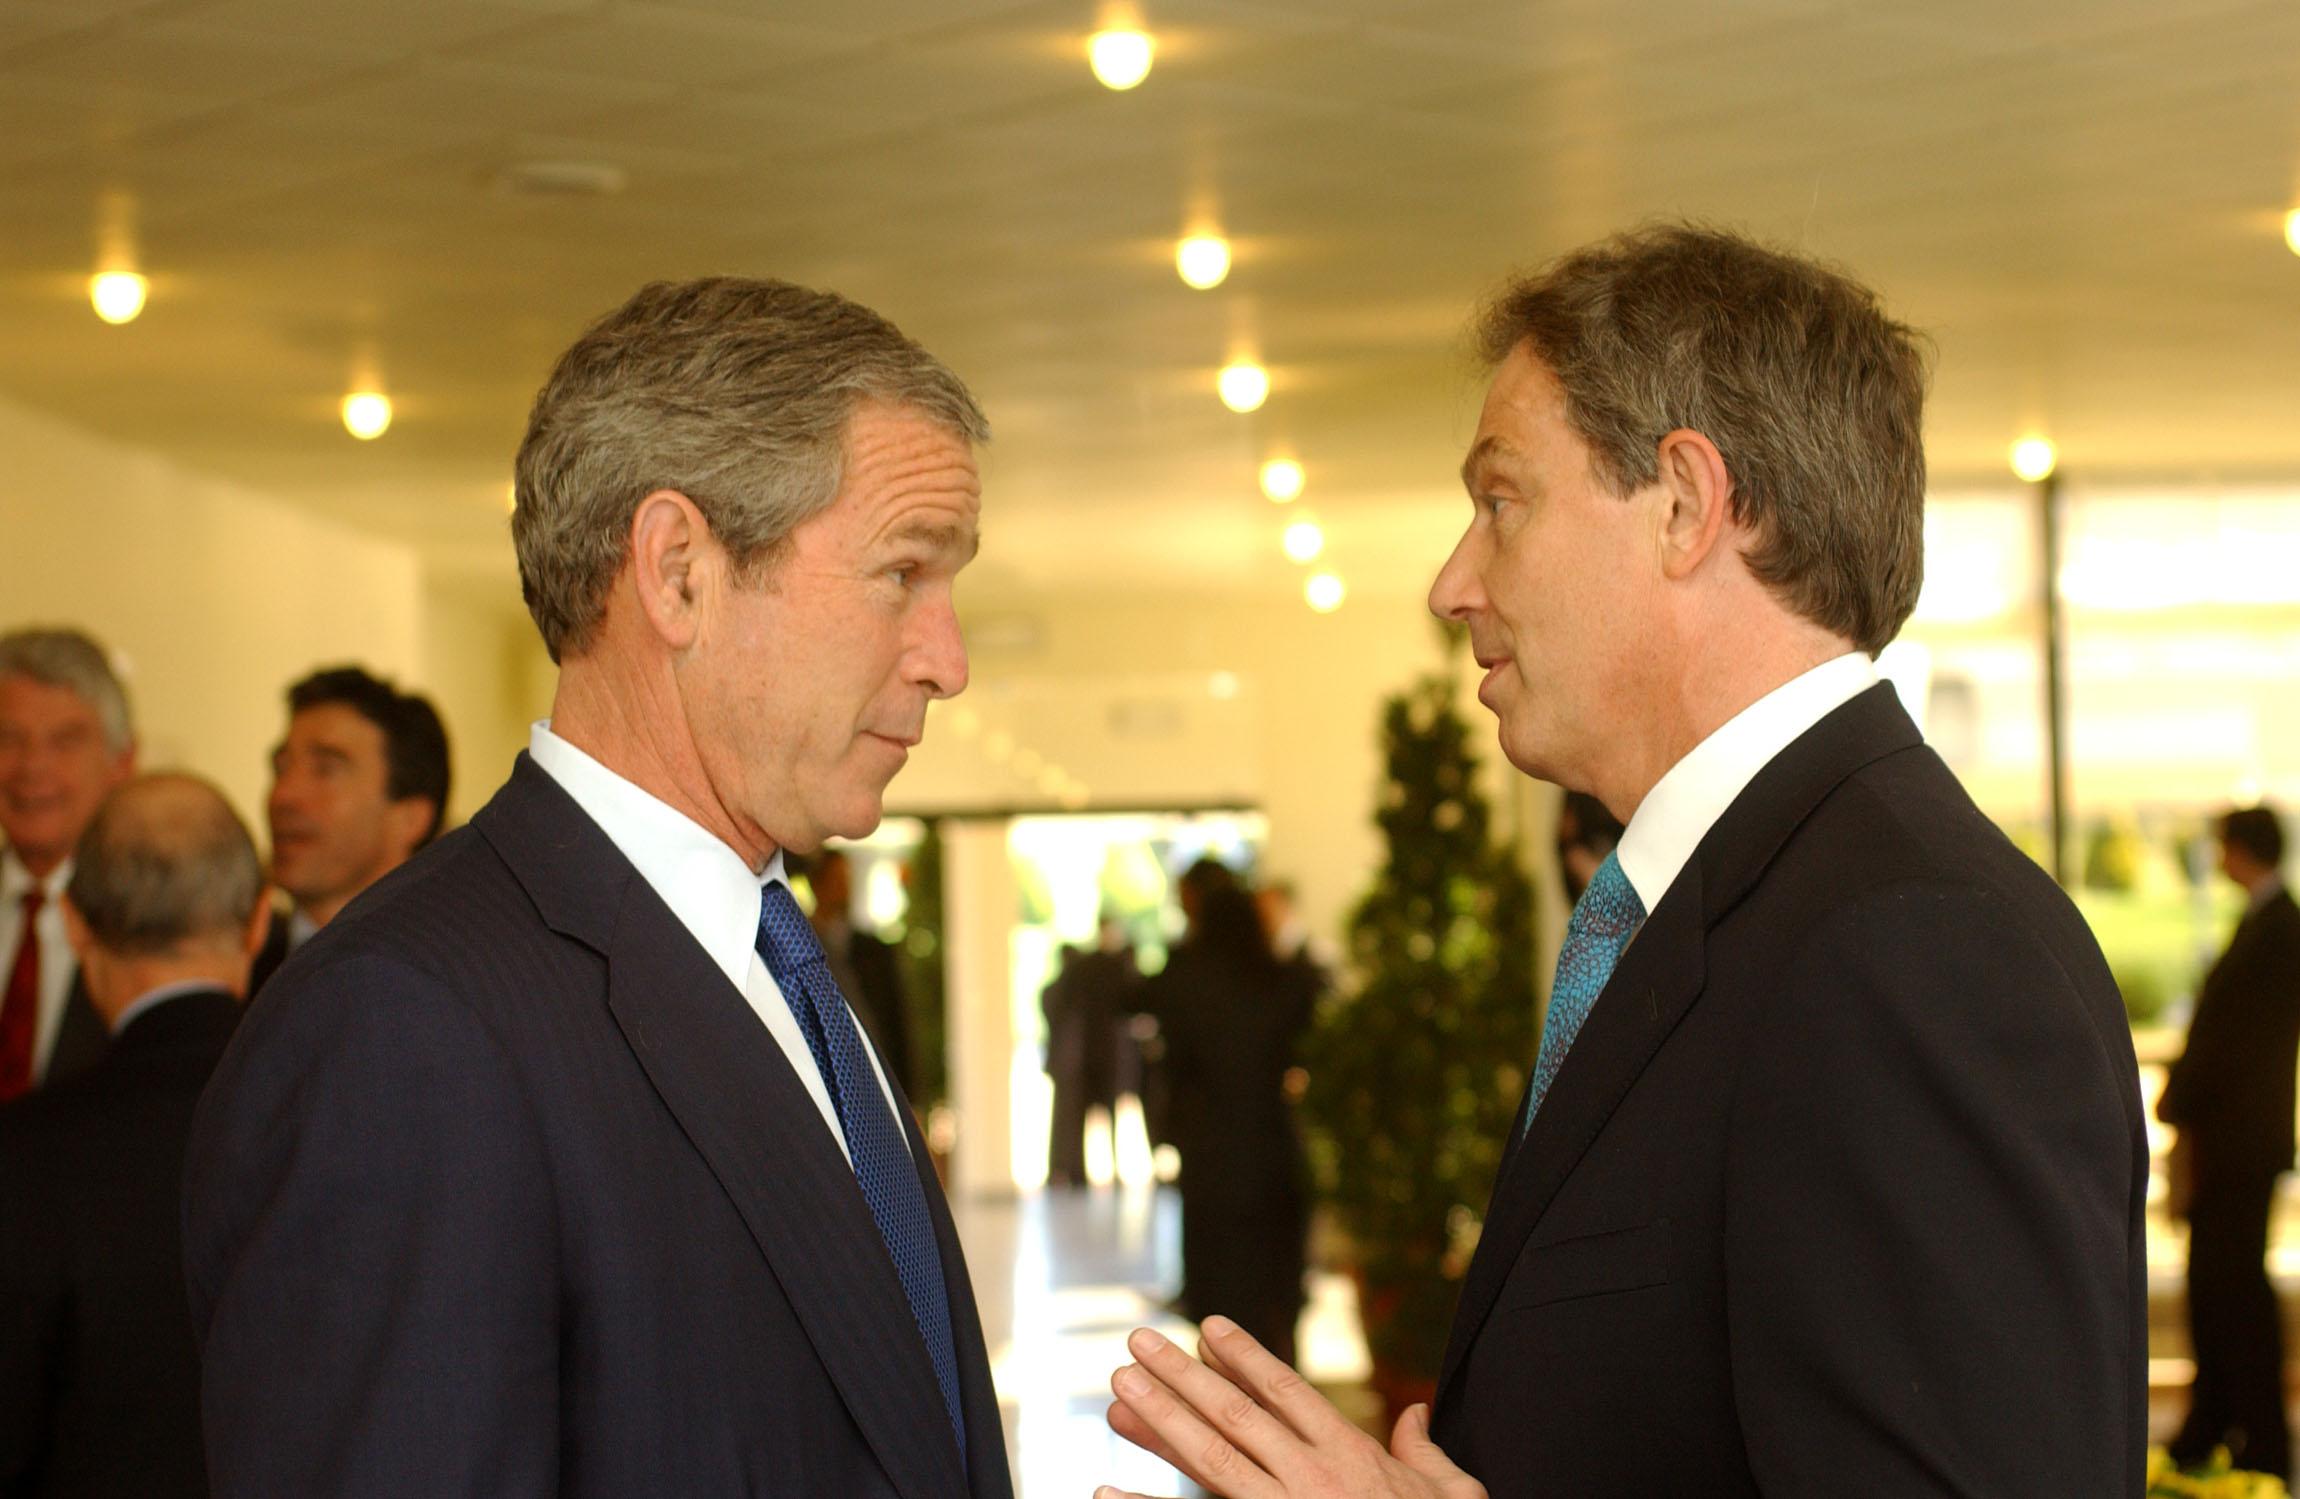 intelegere Tony Blair si George Bush